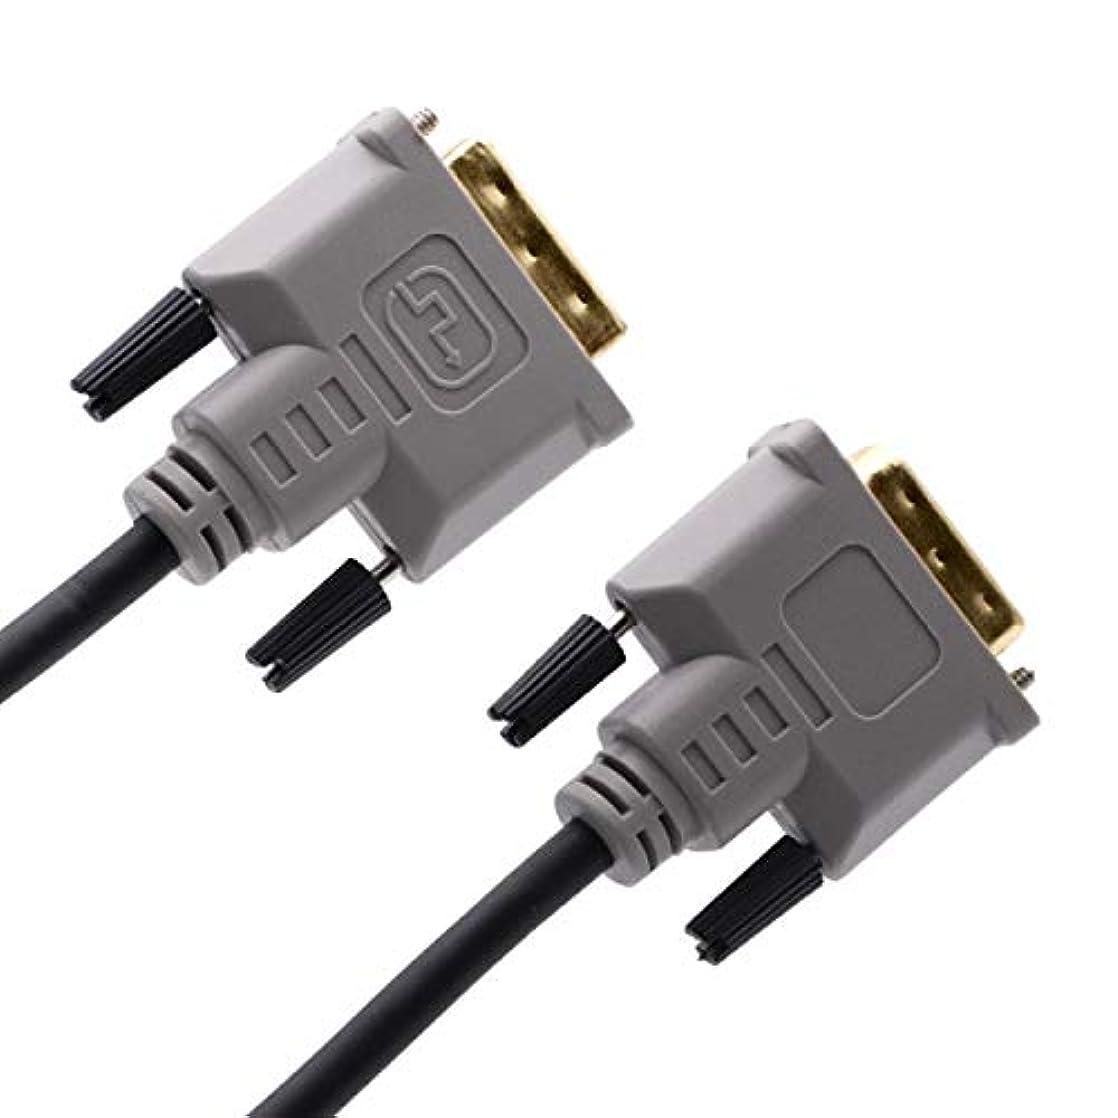 ジム効率練るCablesson DVI to DVIケーブル – ブロードバンド、DVI - Dオスto DVI - Dオスwith金メッキコネクタ。1つのリンク19ピン、テレビ、モニター、プロジェクター、HDTV最大解像度1920 x 1080 – ブラック、10 M。